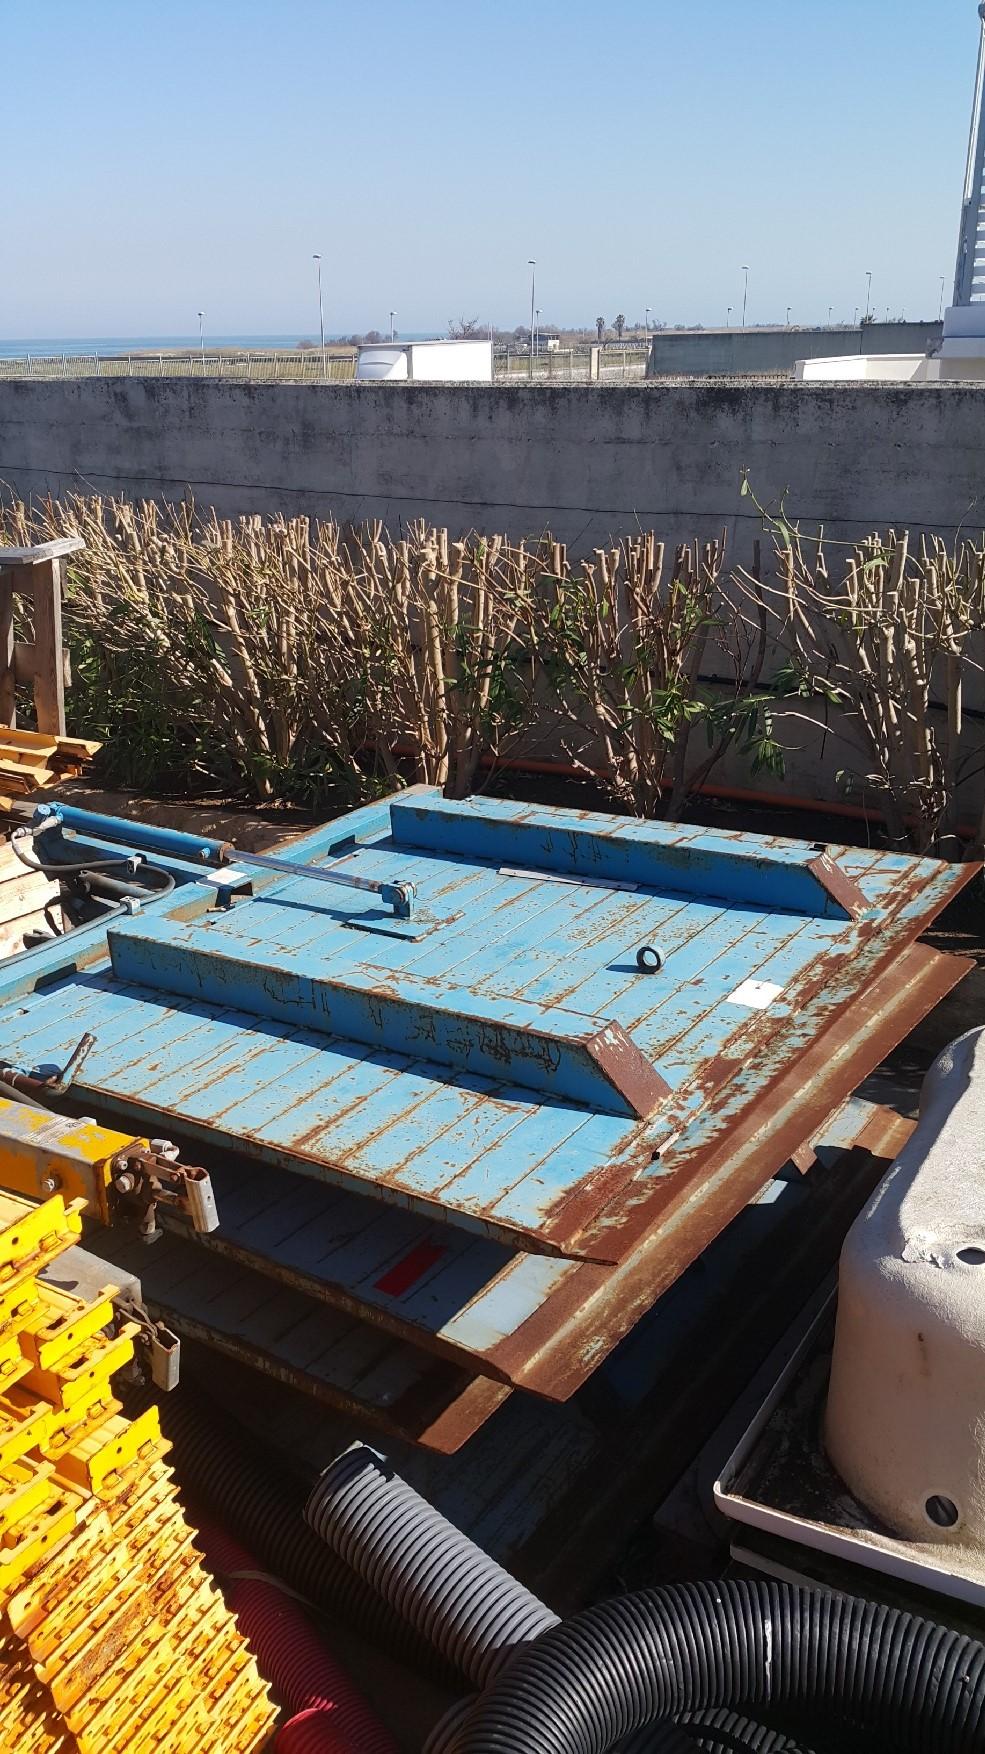 Rampe di carico complete di impianto idraulico in vendita - foto 1